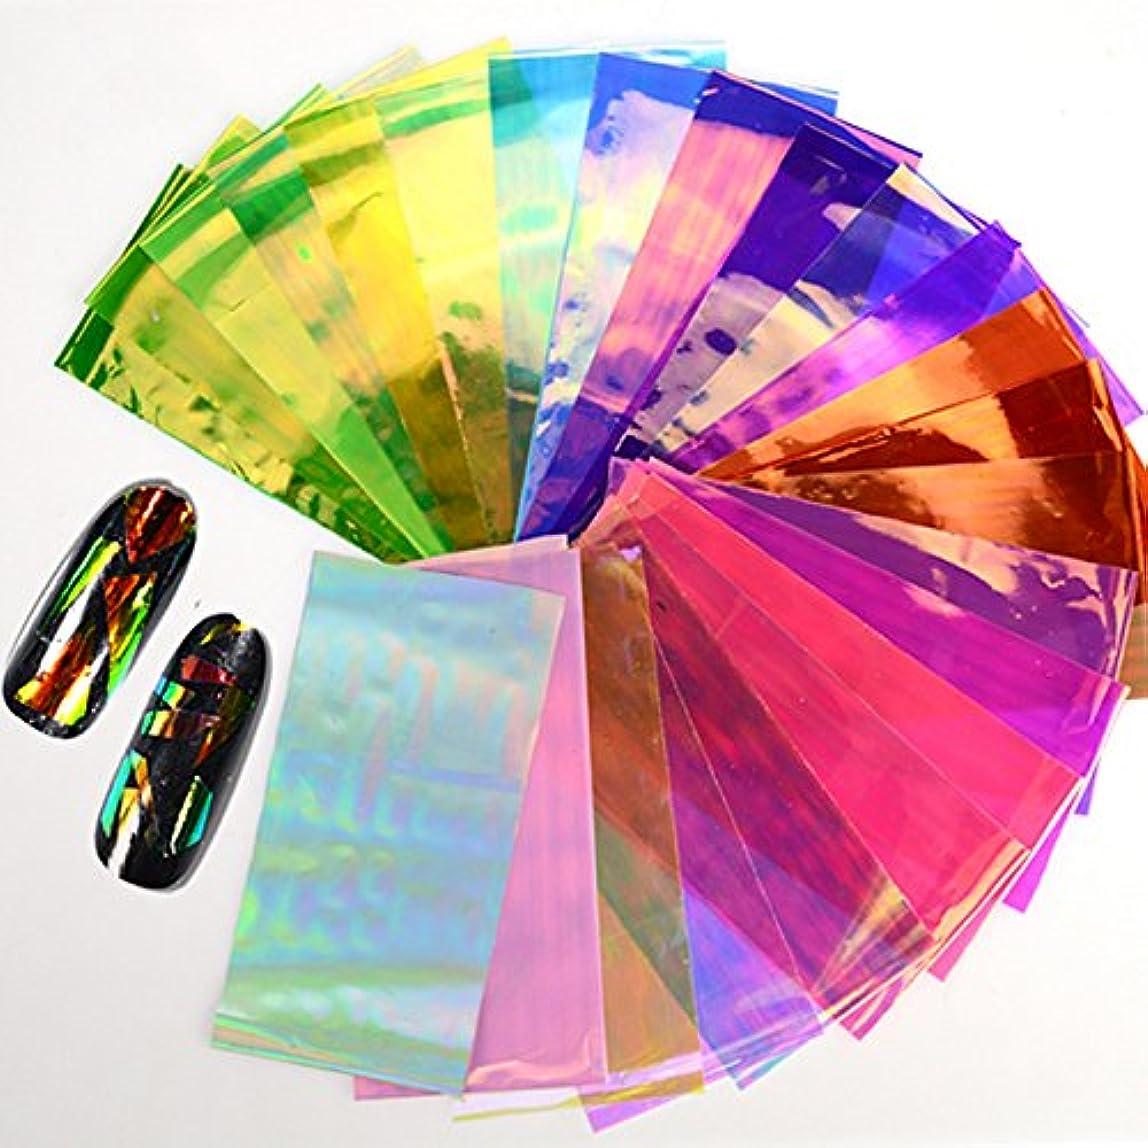 キャリッジ地域のプリーツGoshang ネイルステッカー オーロラネイルフィルム セロファン ネイルシール テープ ネイル 20枚セット